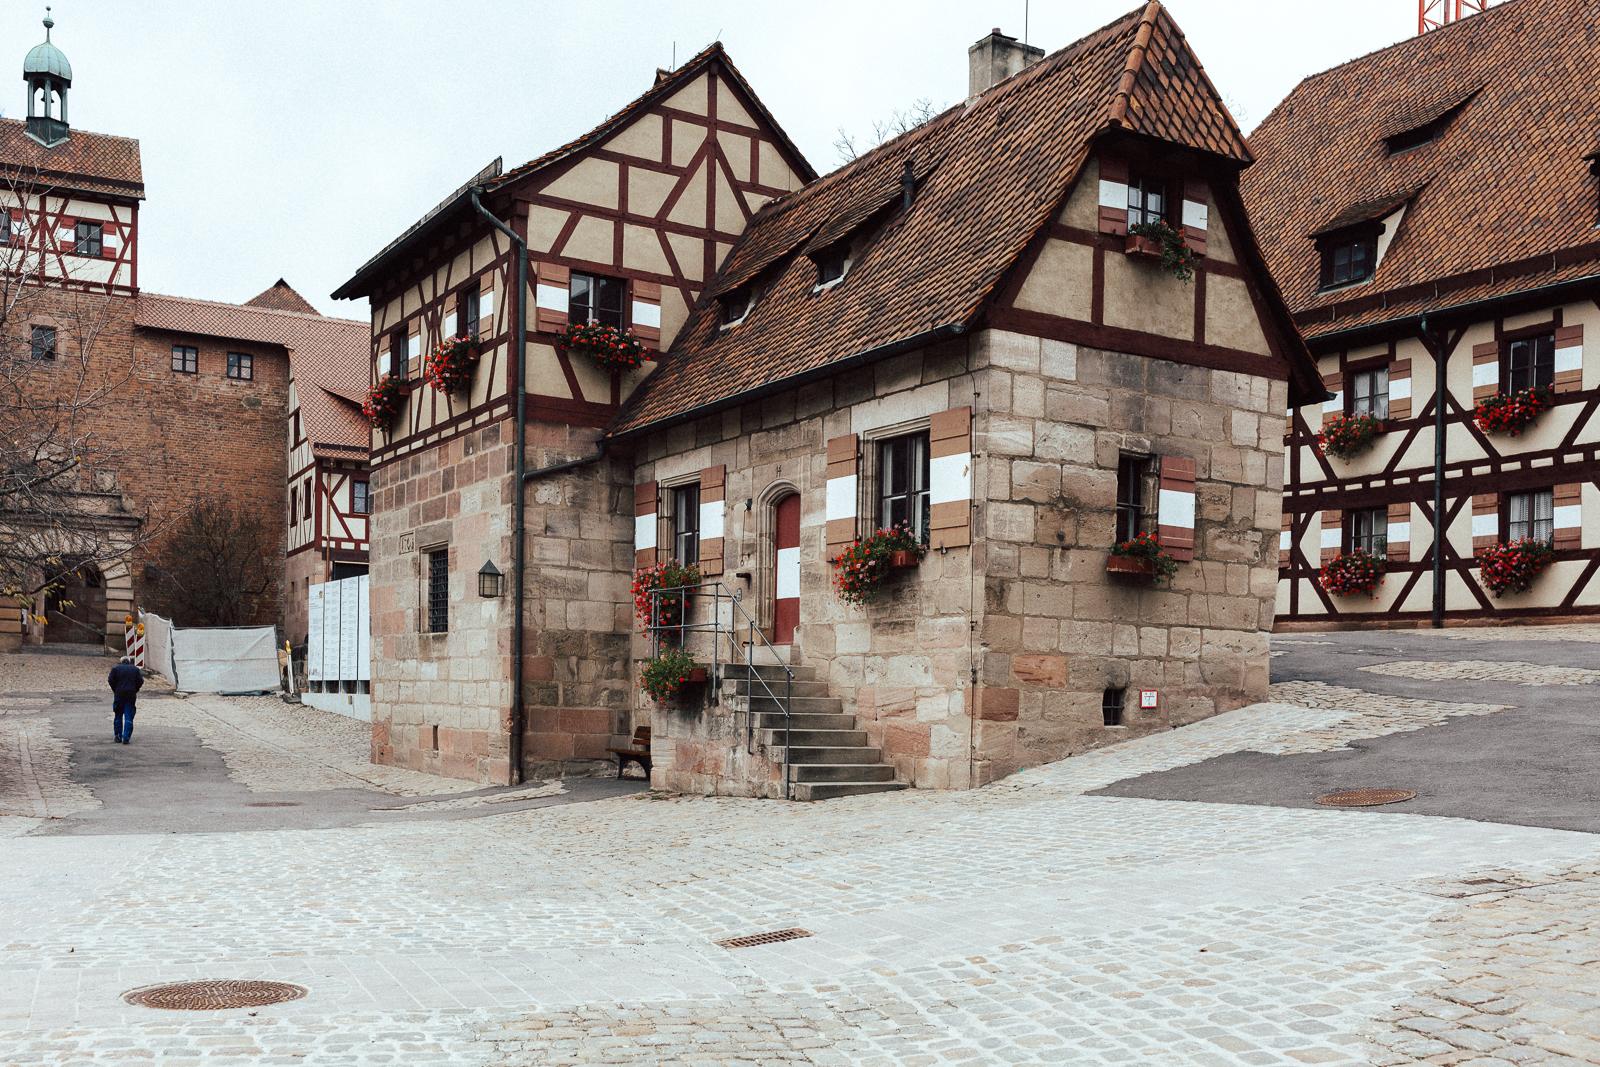 URBANERIE_Daniela_Goth_Fotografin_Nürnberg_Fürth_Erlangen_Schwabach_171110_001_0047